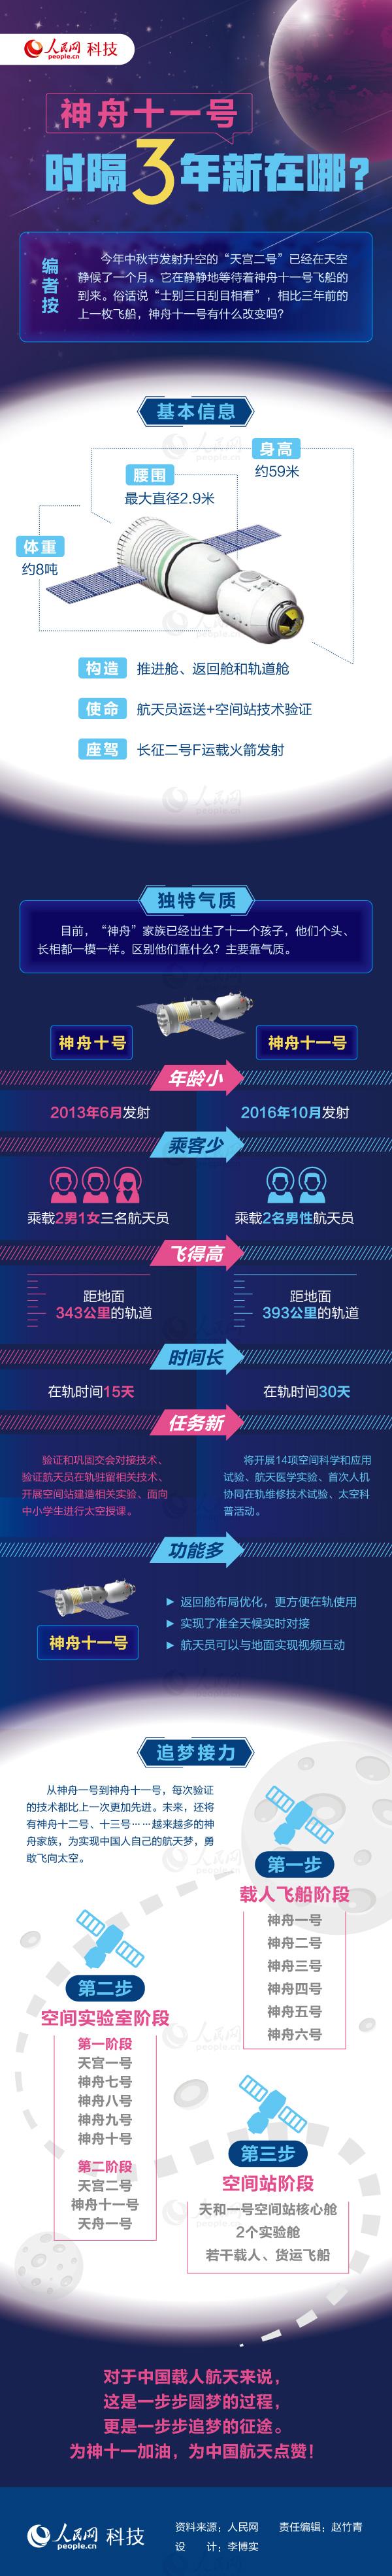 """图解:""""神舟十一号""""时隔三年新在哪? - 人在上海    - 中国新闻画报"""